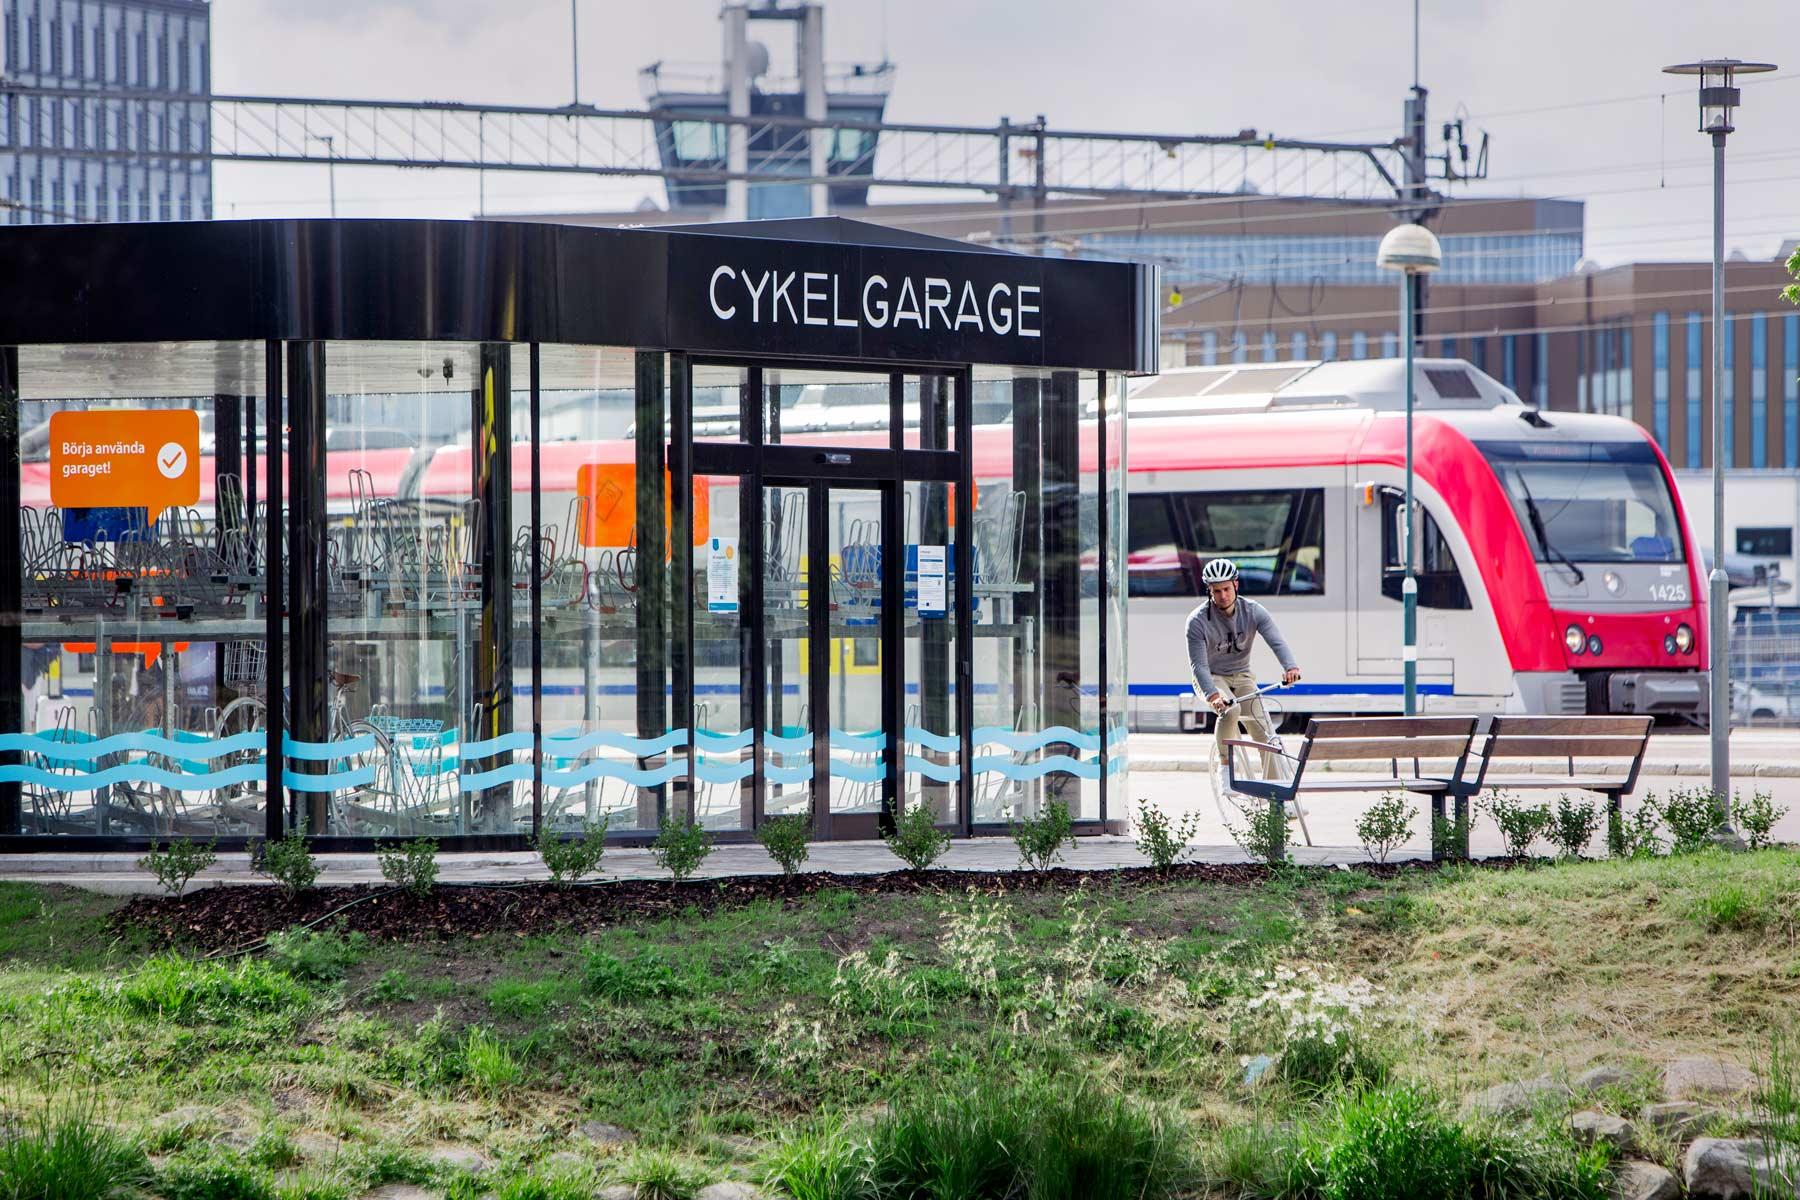 Cykelgarage nära tågstation för snabbt byte mellan färdsätt